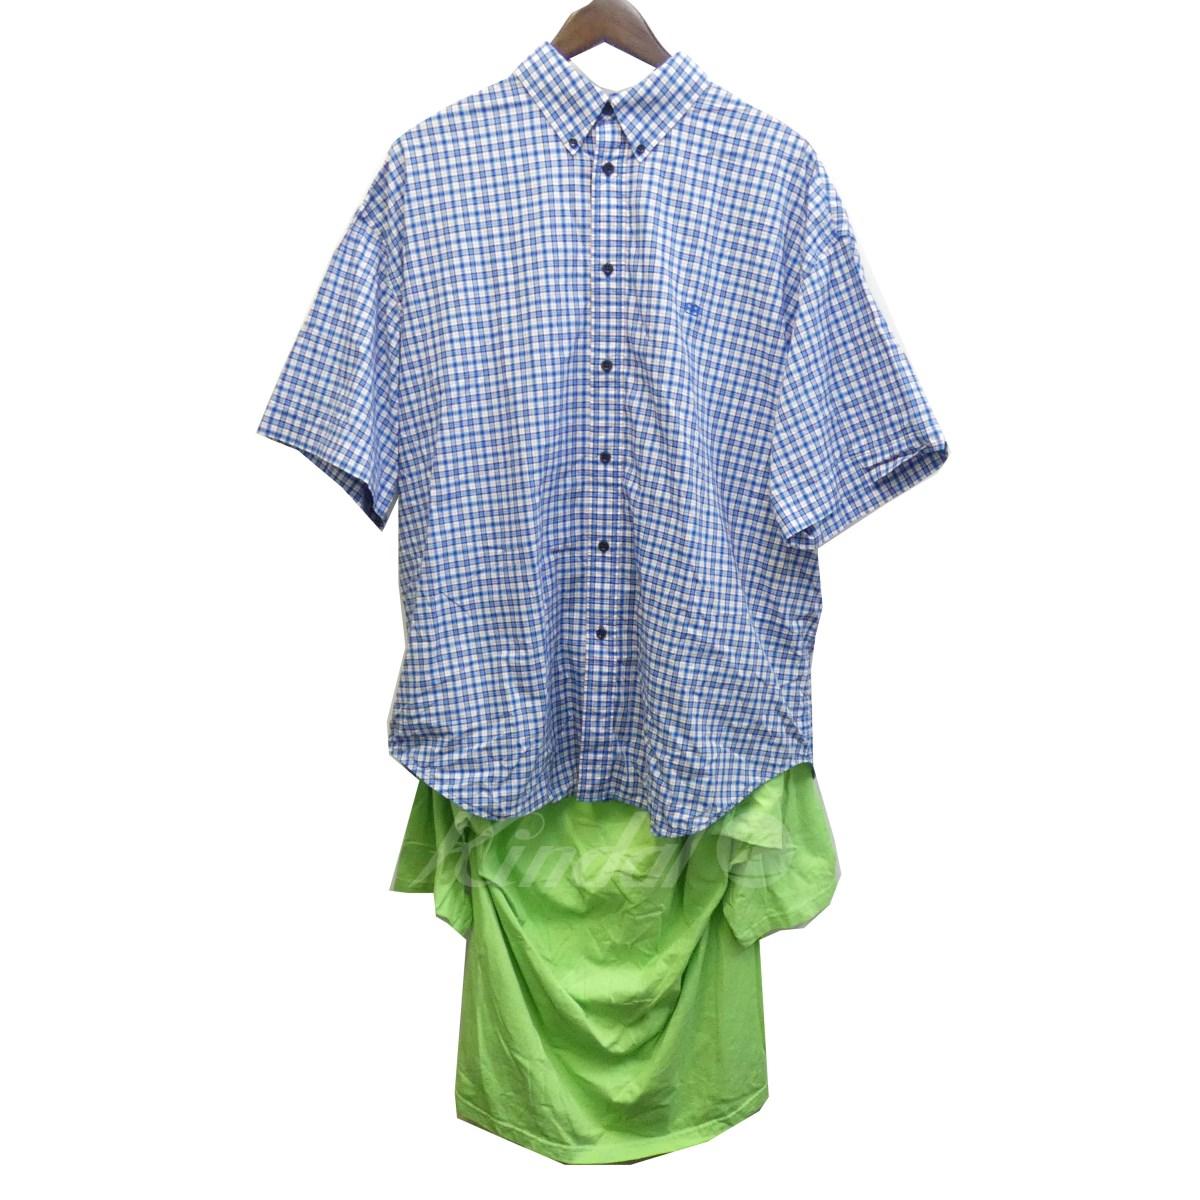 【中古】BALENCIAGA 18SS Tシャツコンビロングスリーブストライプシャツ 518022 ブルー×グリーン サイズ:36 【180320】(バレンシアガ)